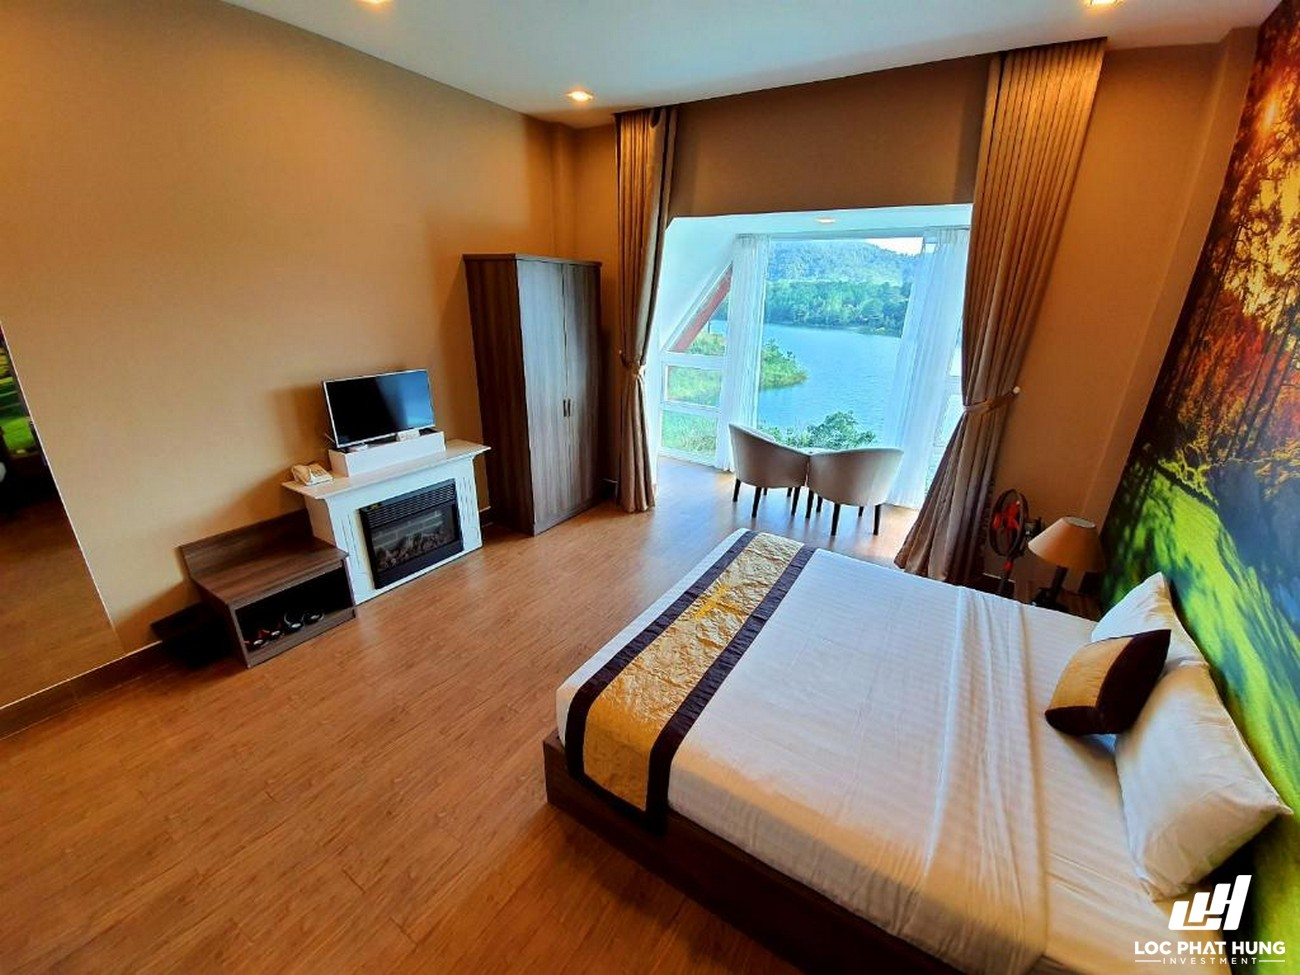 Hạng phòng Deluxe Resort Dalat Wonder Resort Phường 4 Đường 19 Hoa Hồng